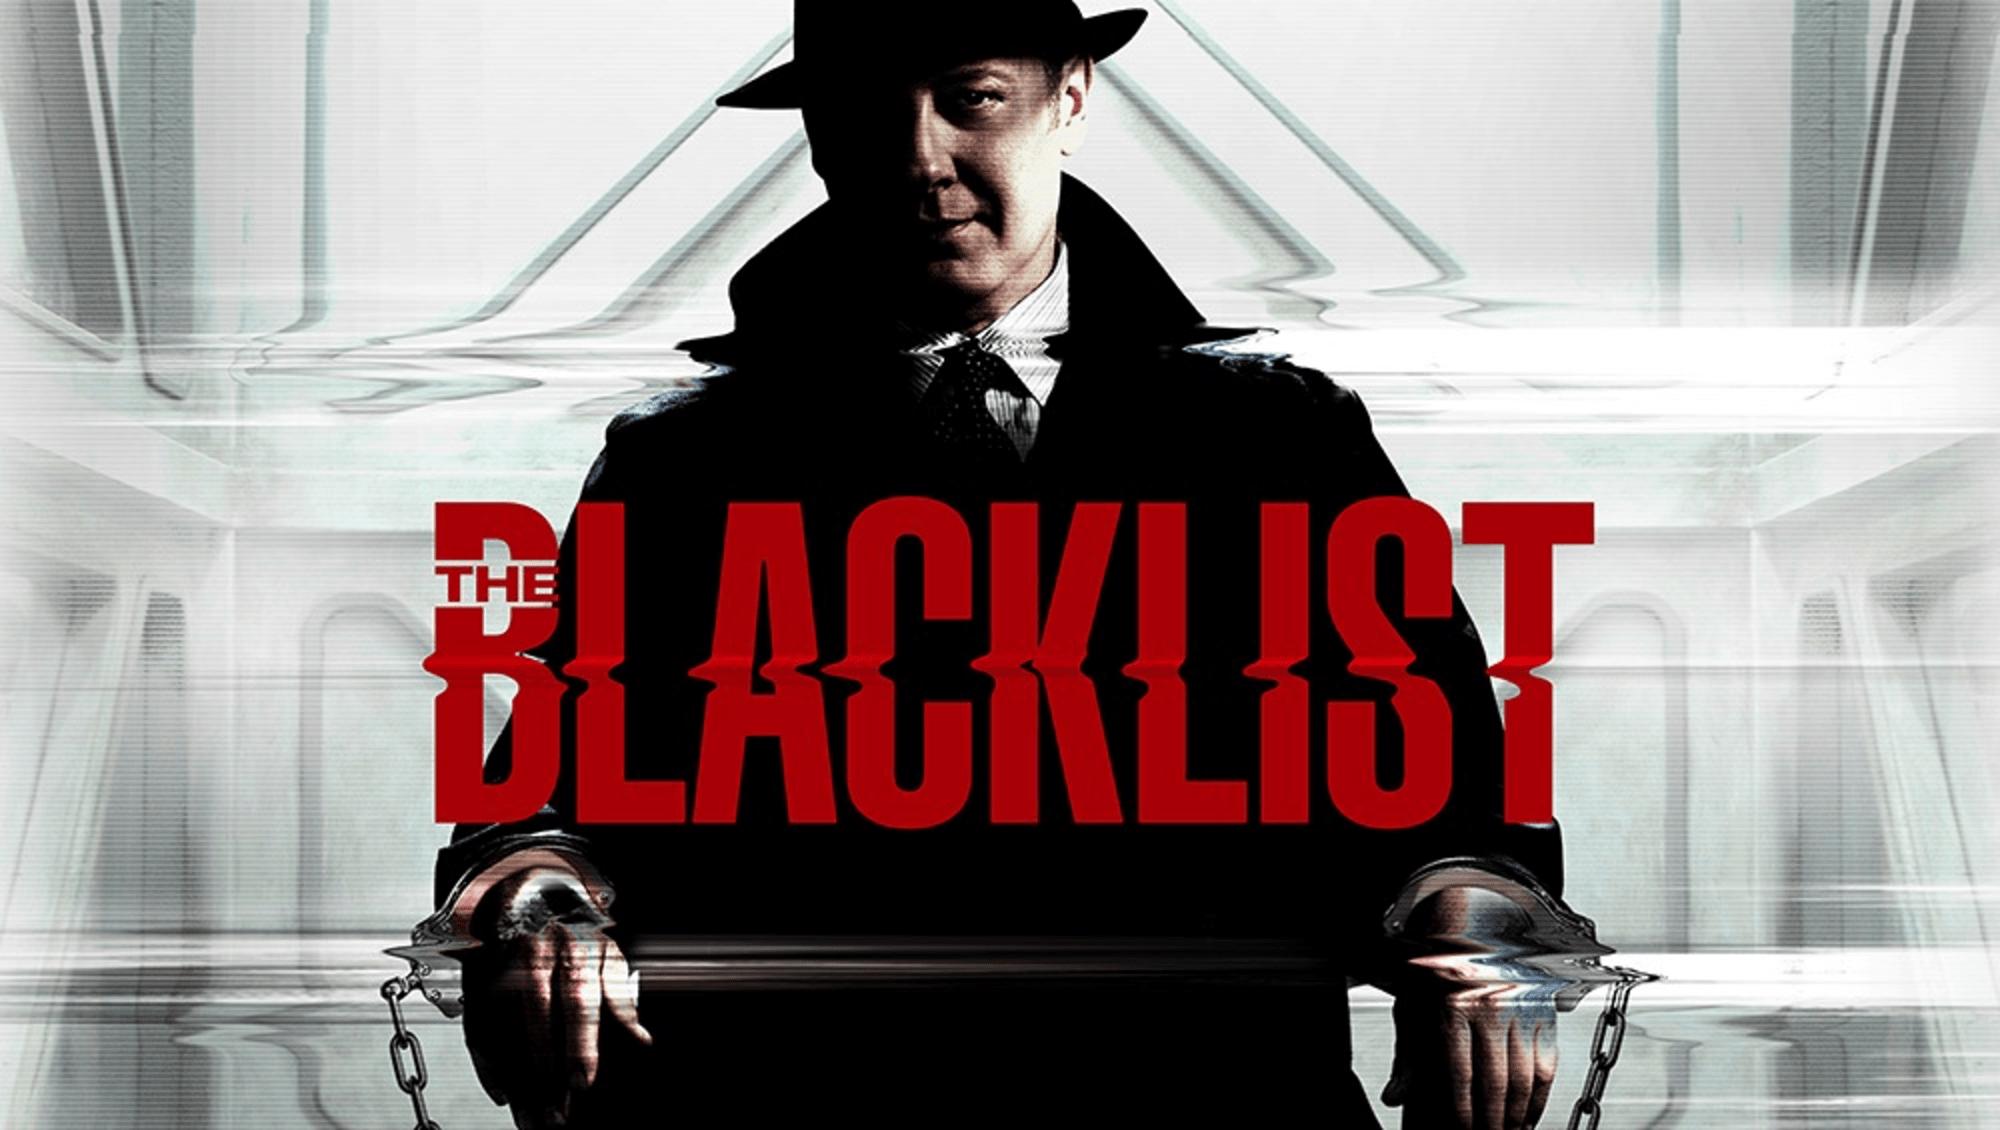 blacklist season 4 episode 9 watch online free